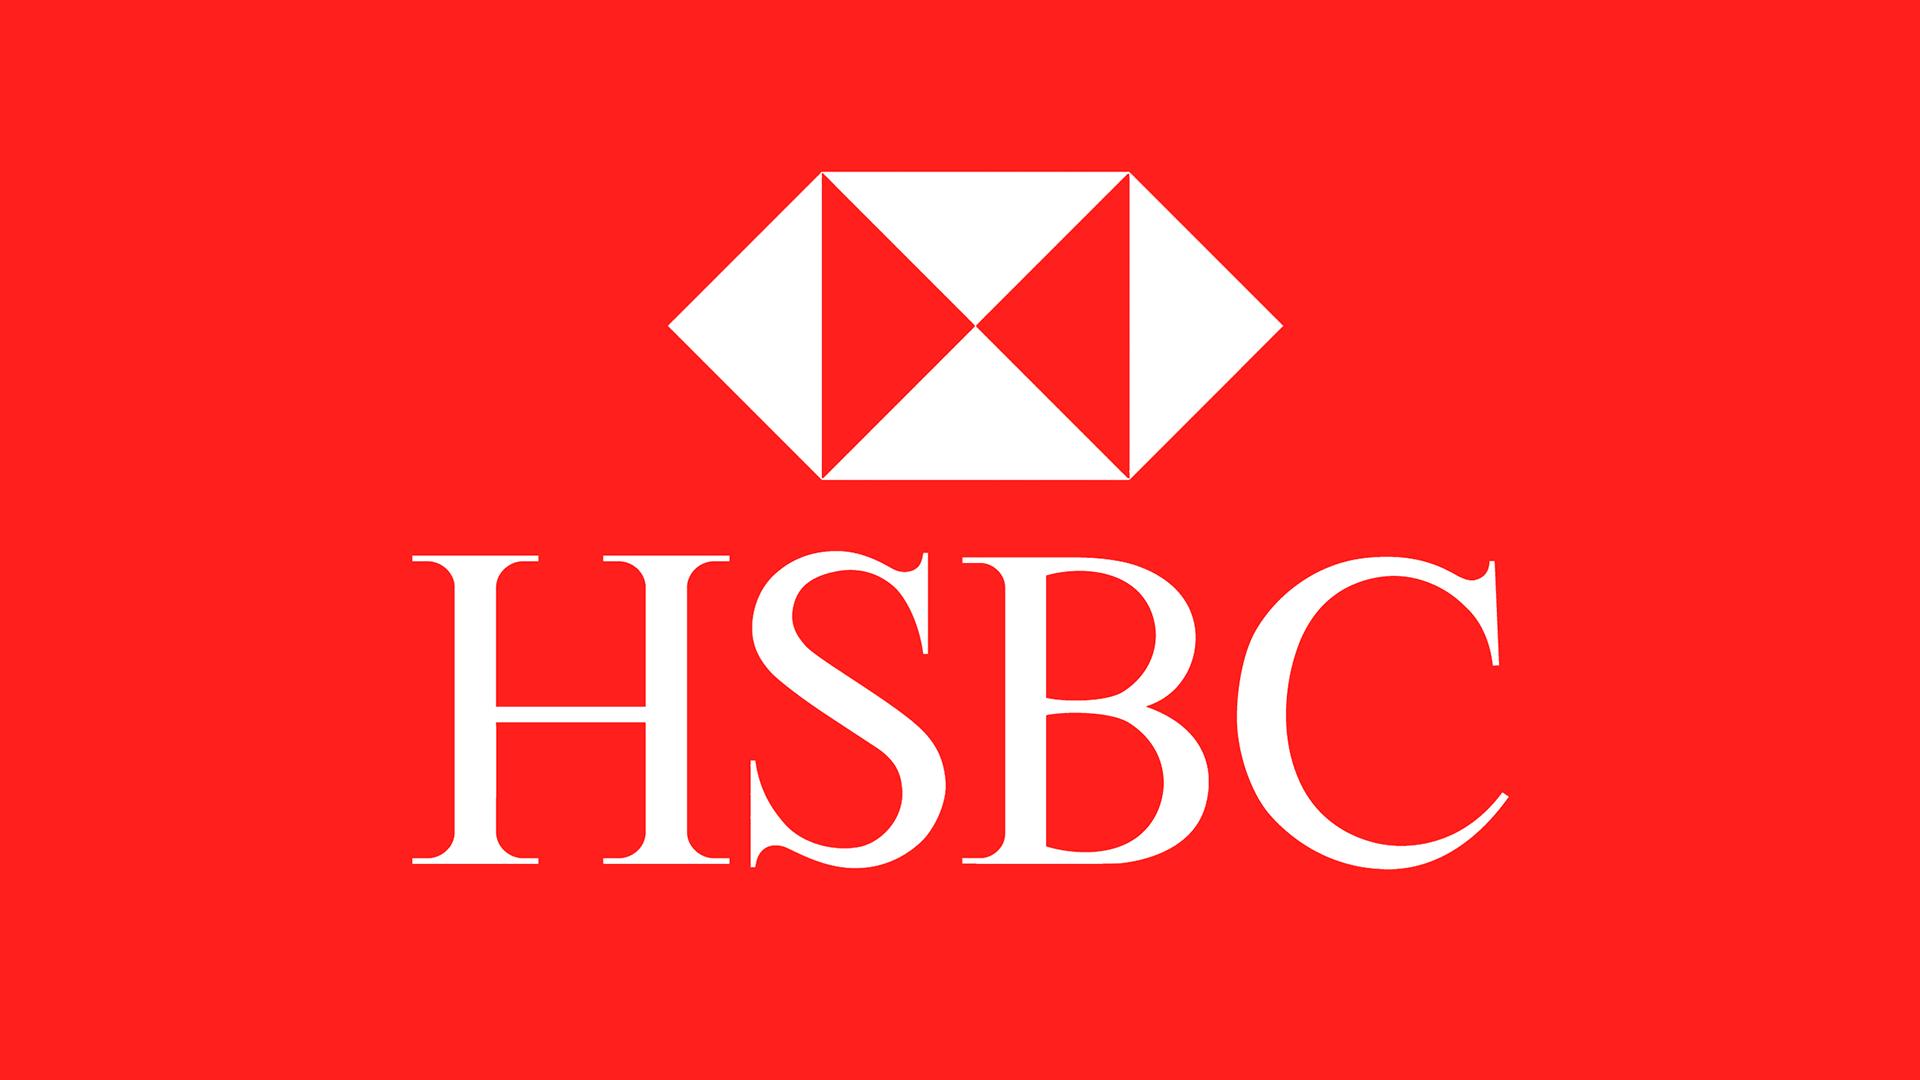 plazos fijos banco hsbc